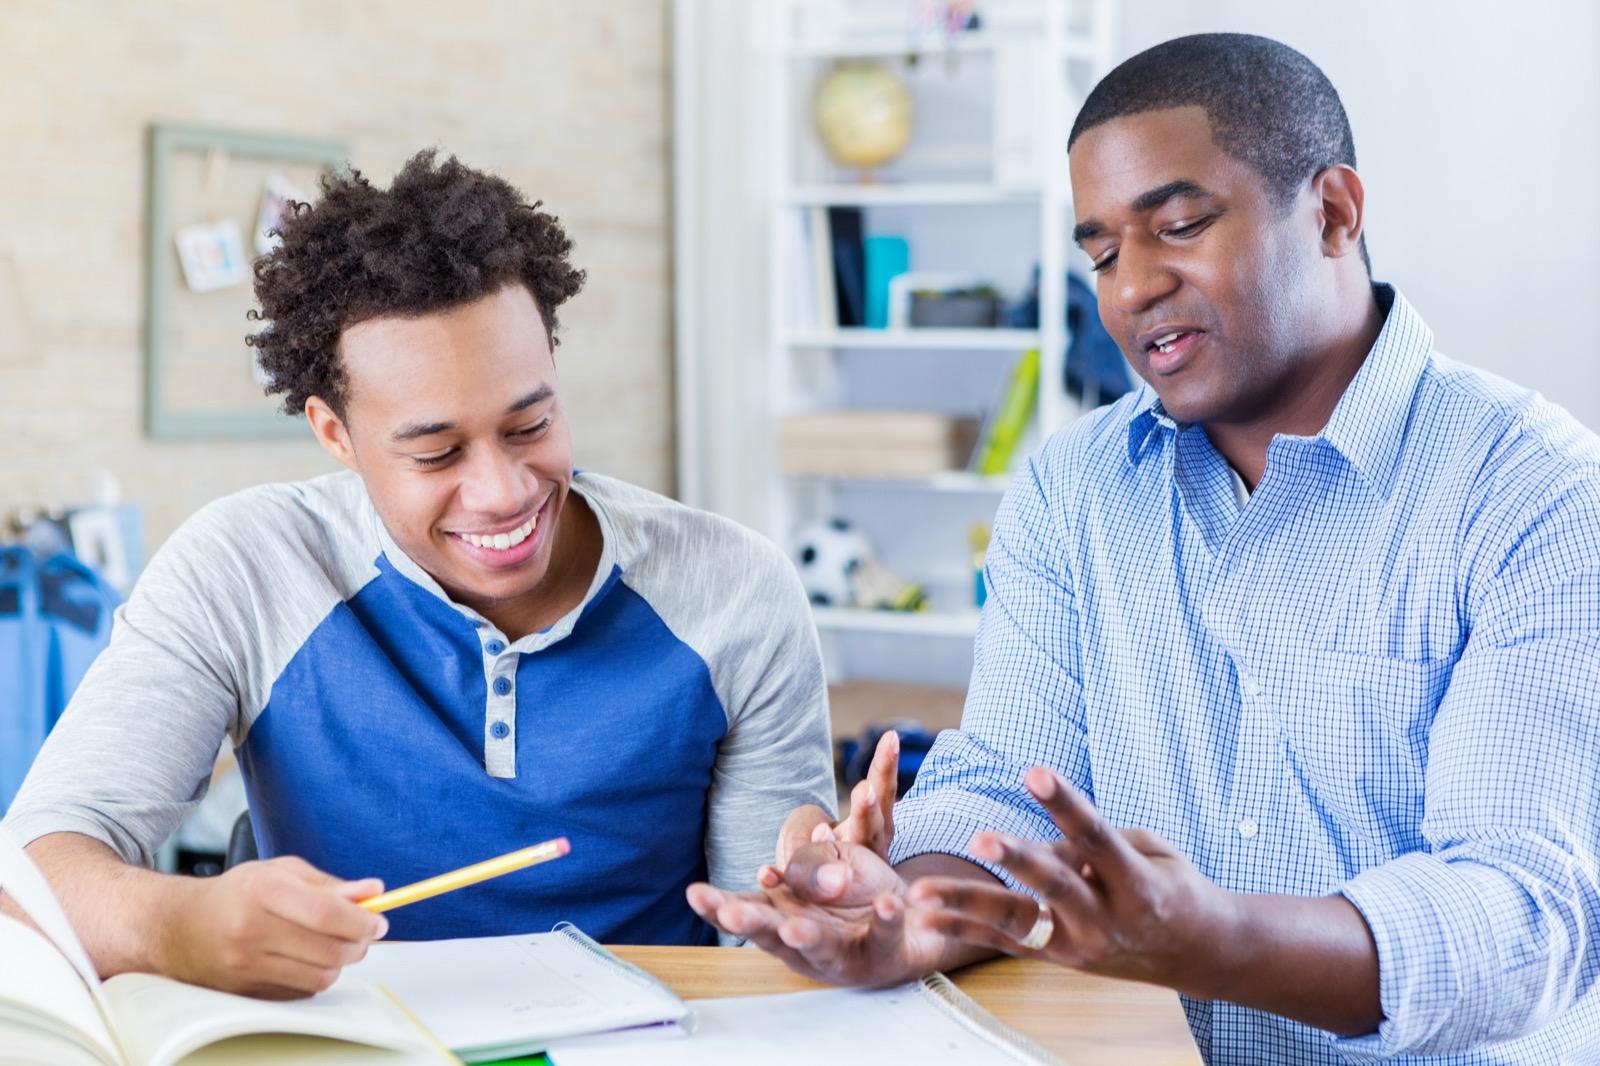 Dad-helps-teenage-son-with-homework-666835404_5760x3840_Web.jpeg